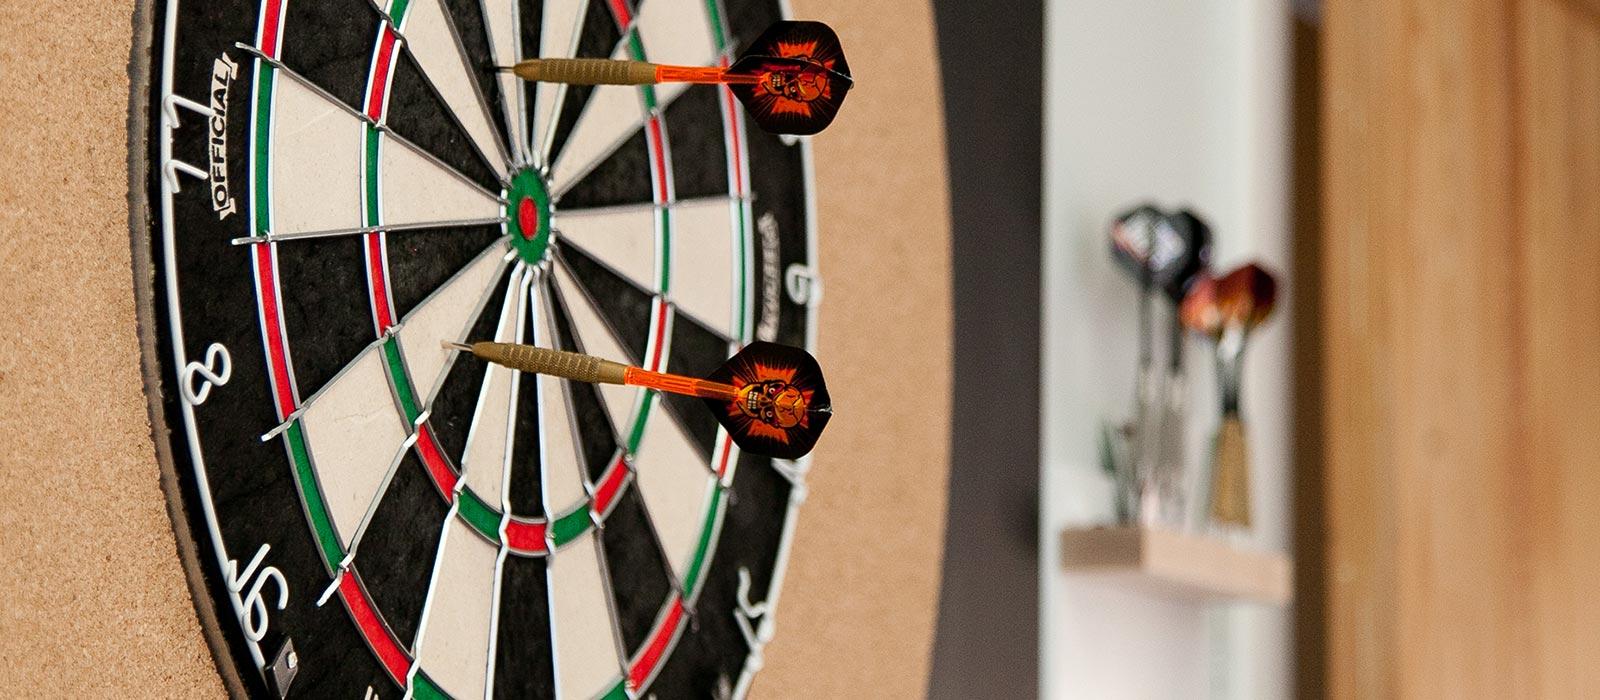 dart board in office lobby